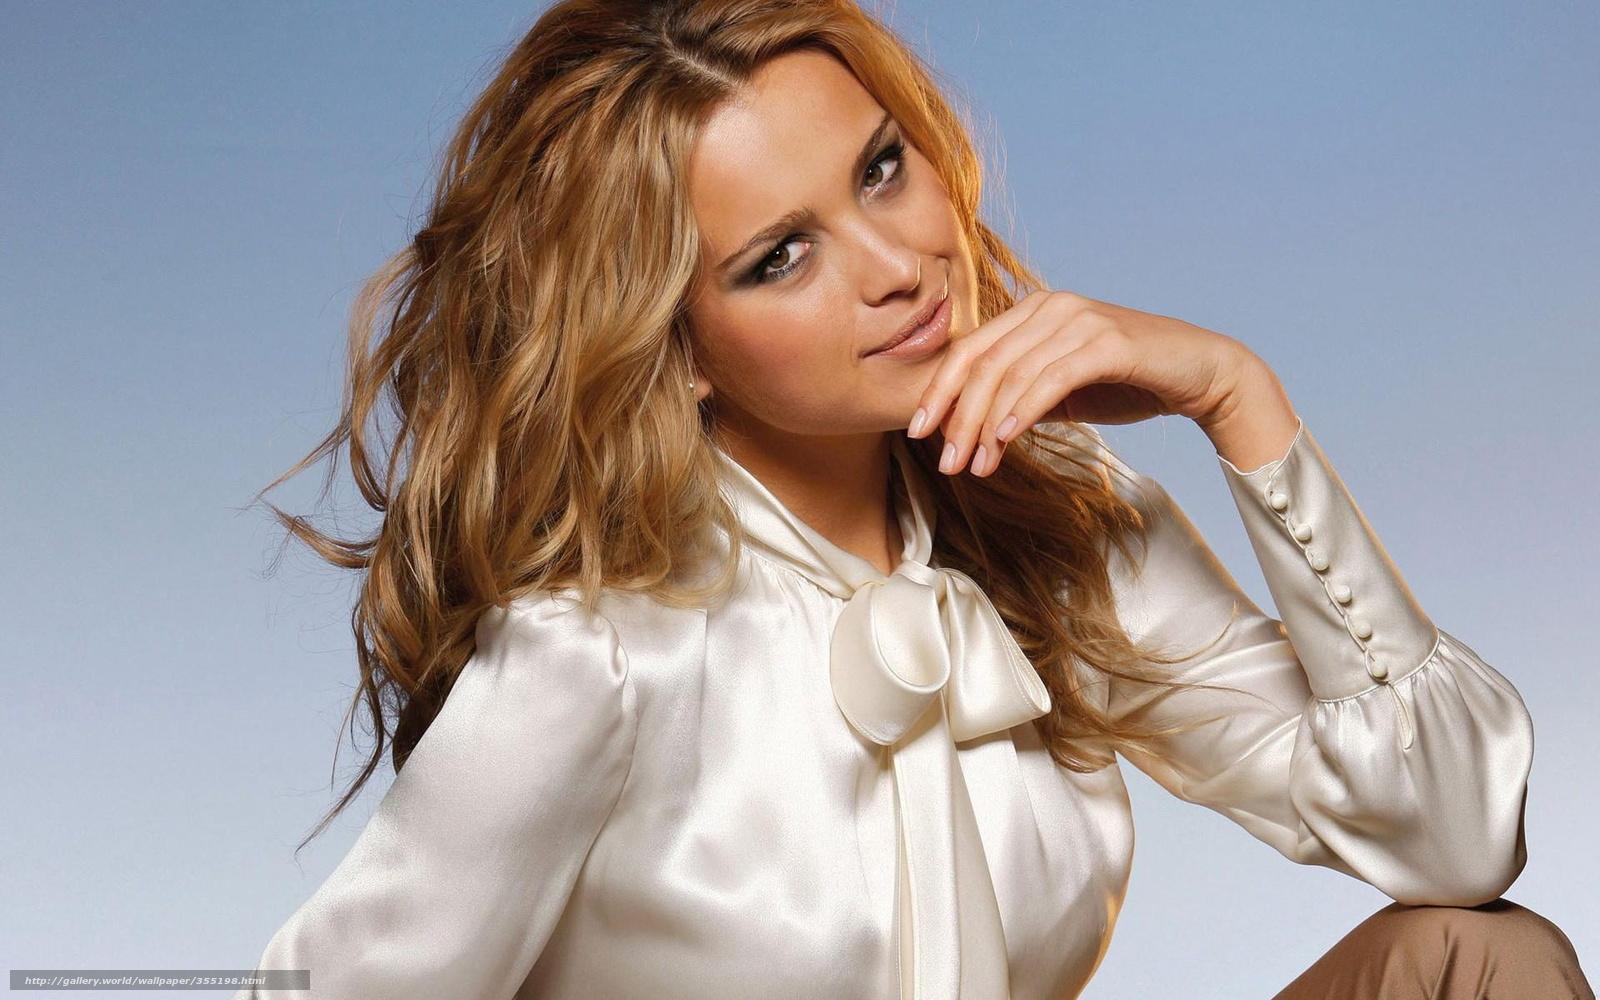 Самые красивые девушки в блузках 2 фотография